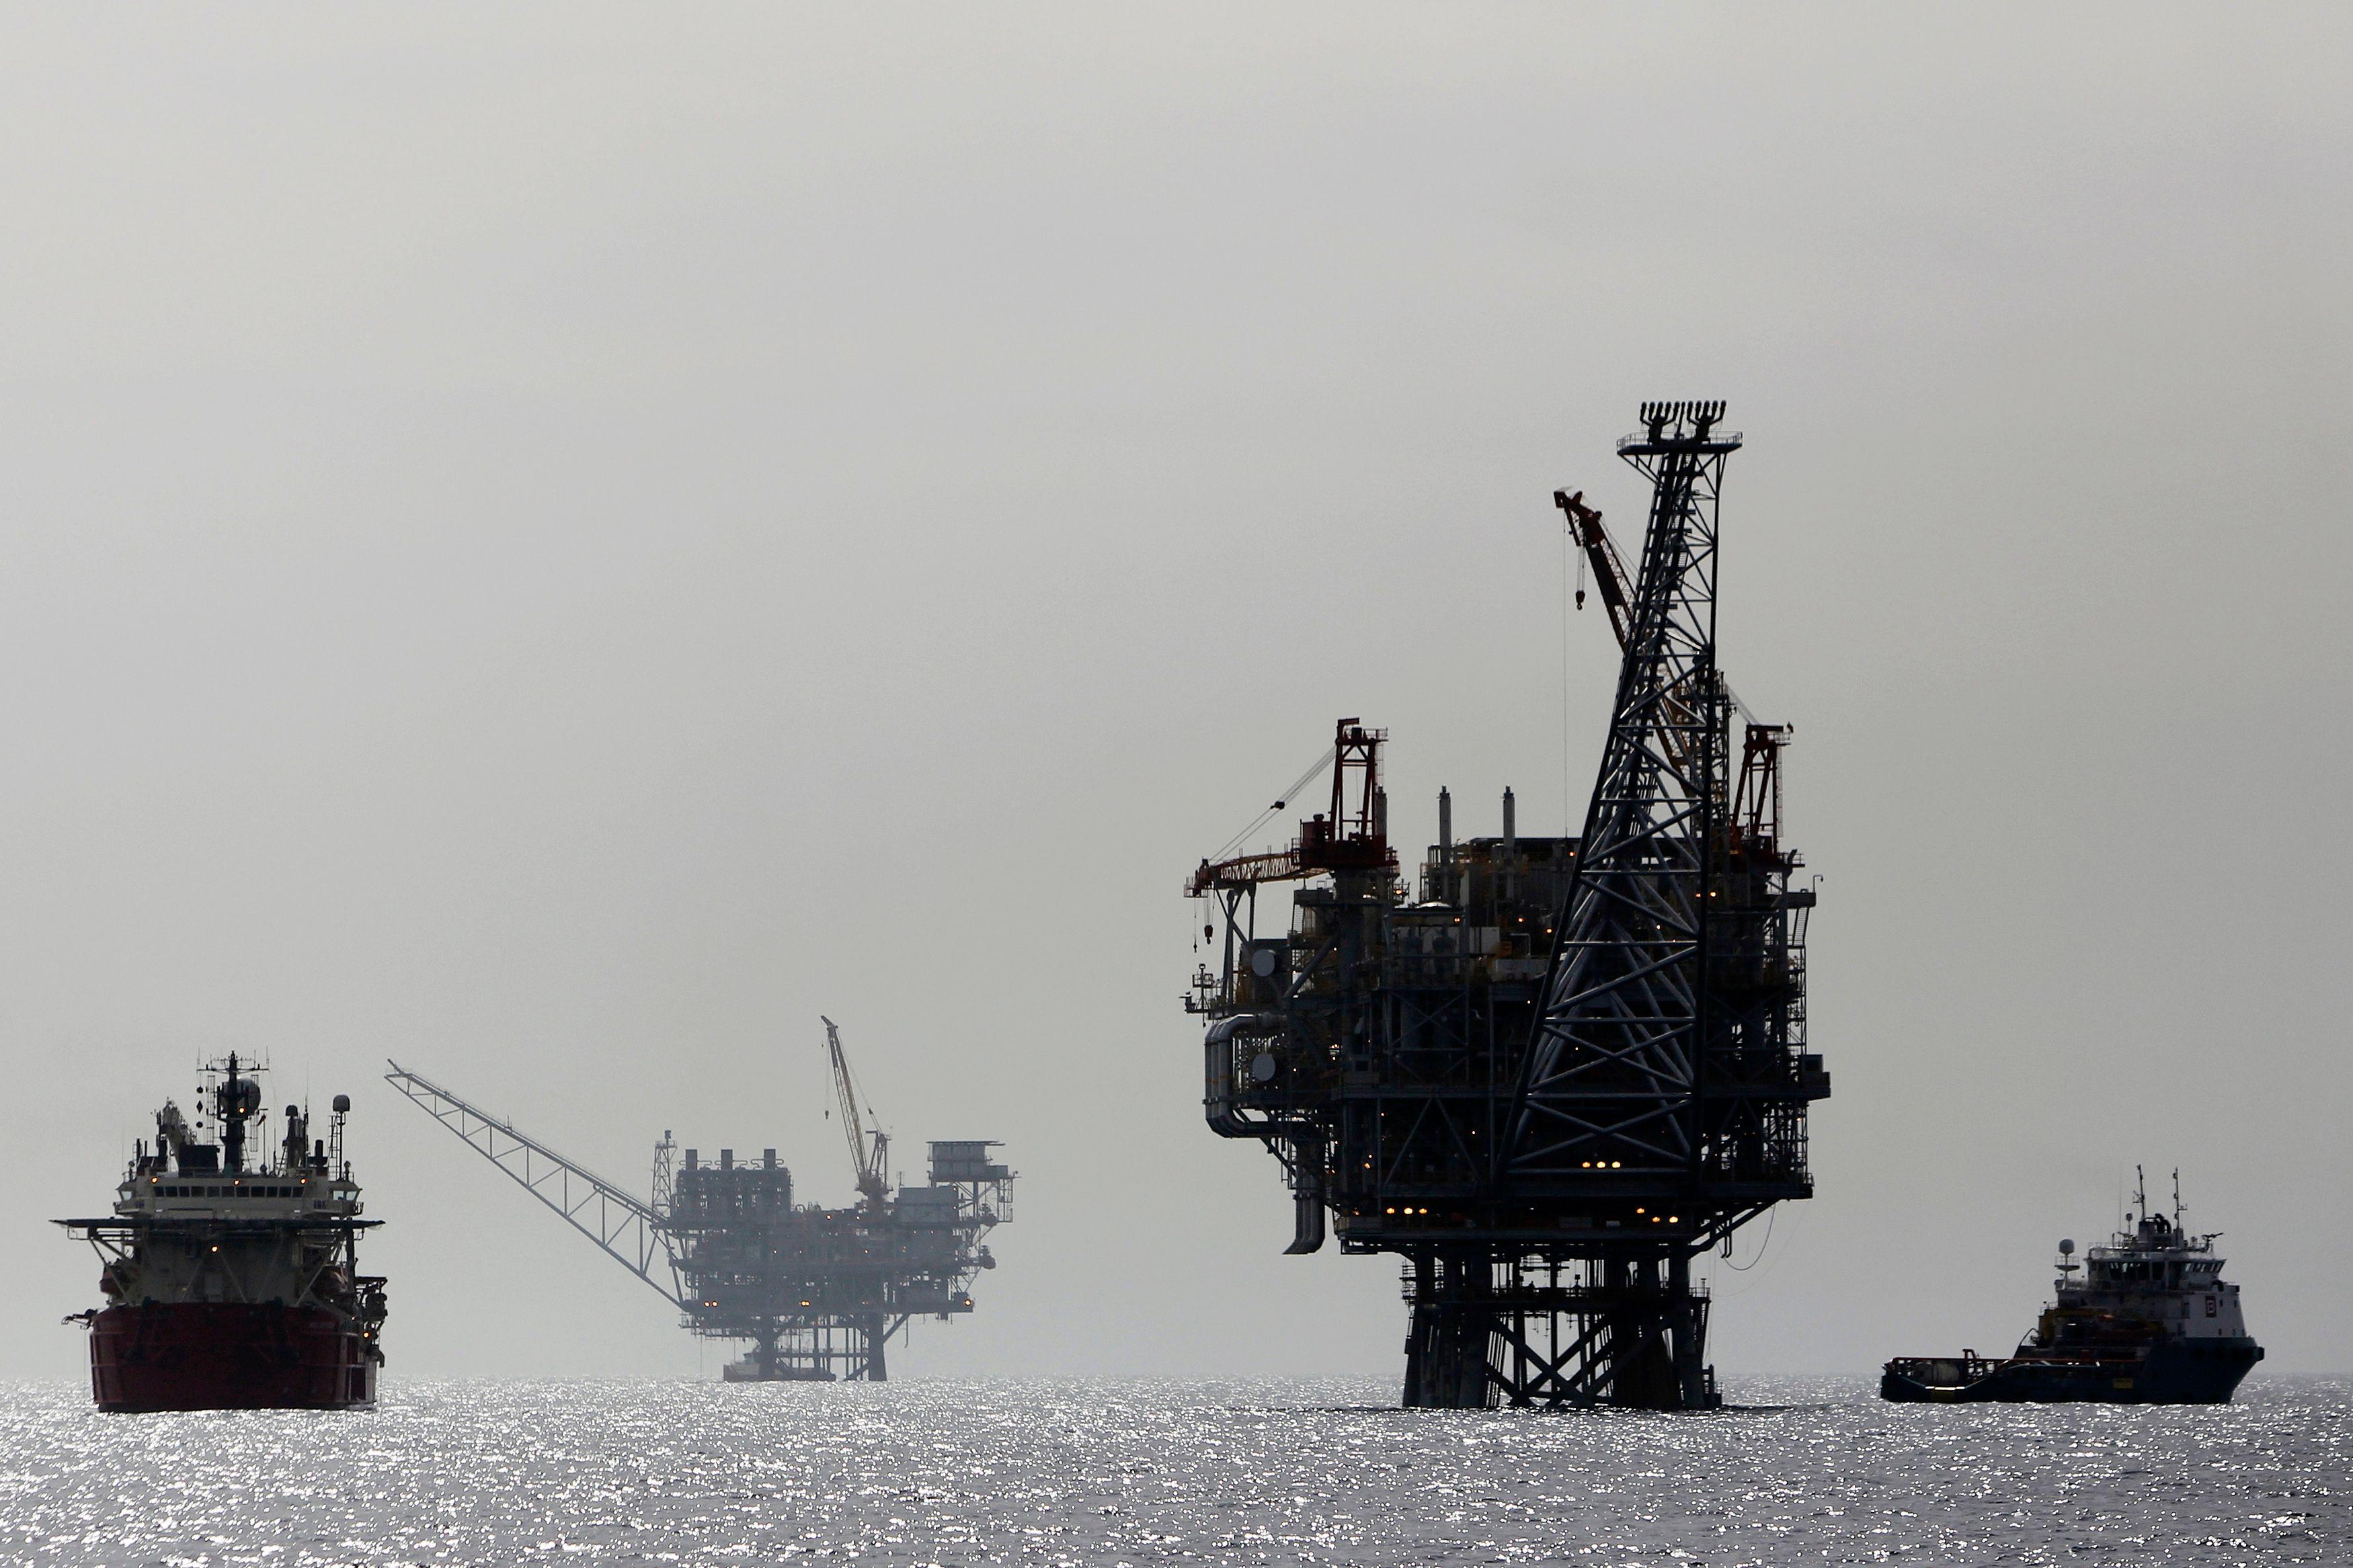 L'effondrement du prix du pétrole et la dégringolade des cours de l'or expliquent le bouleversement du monde